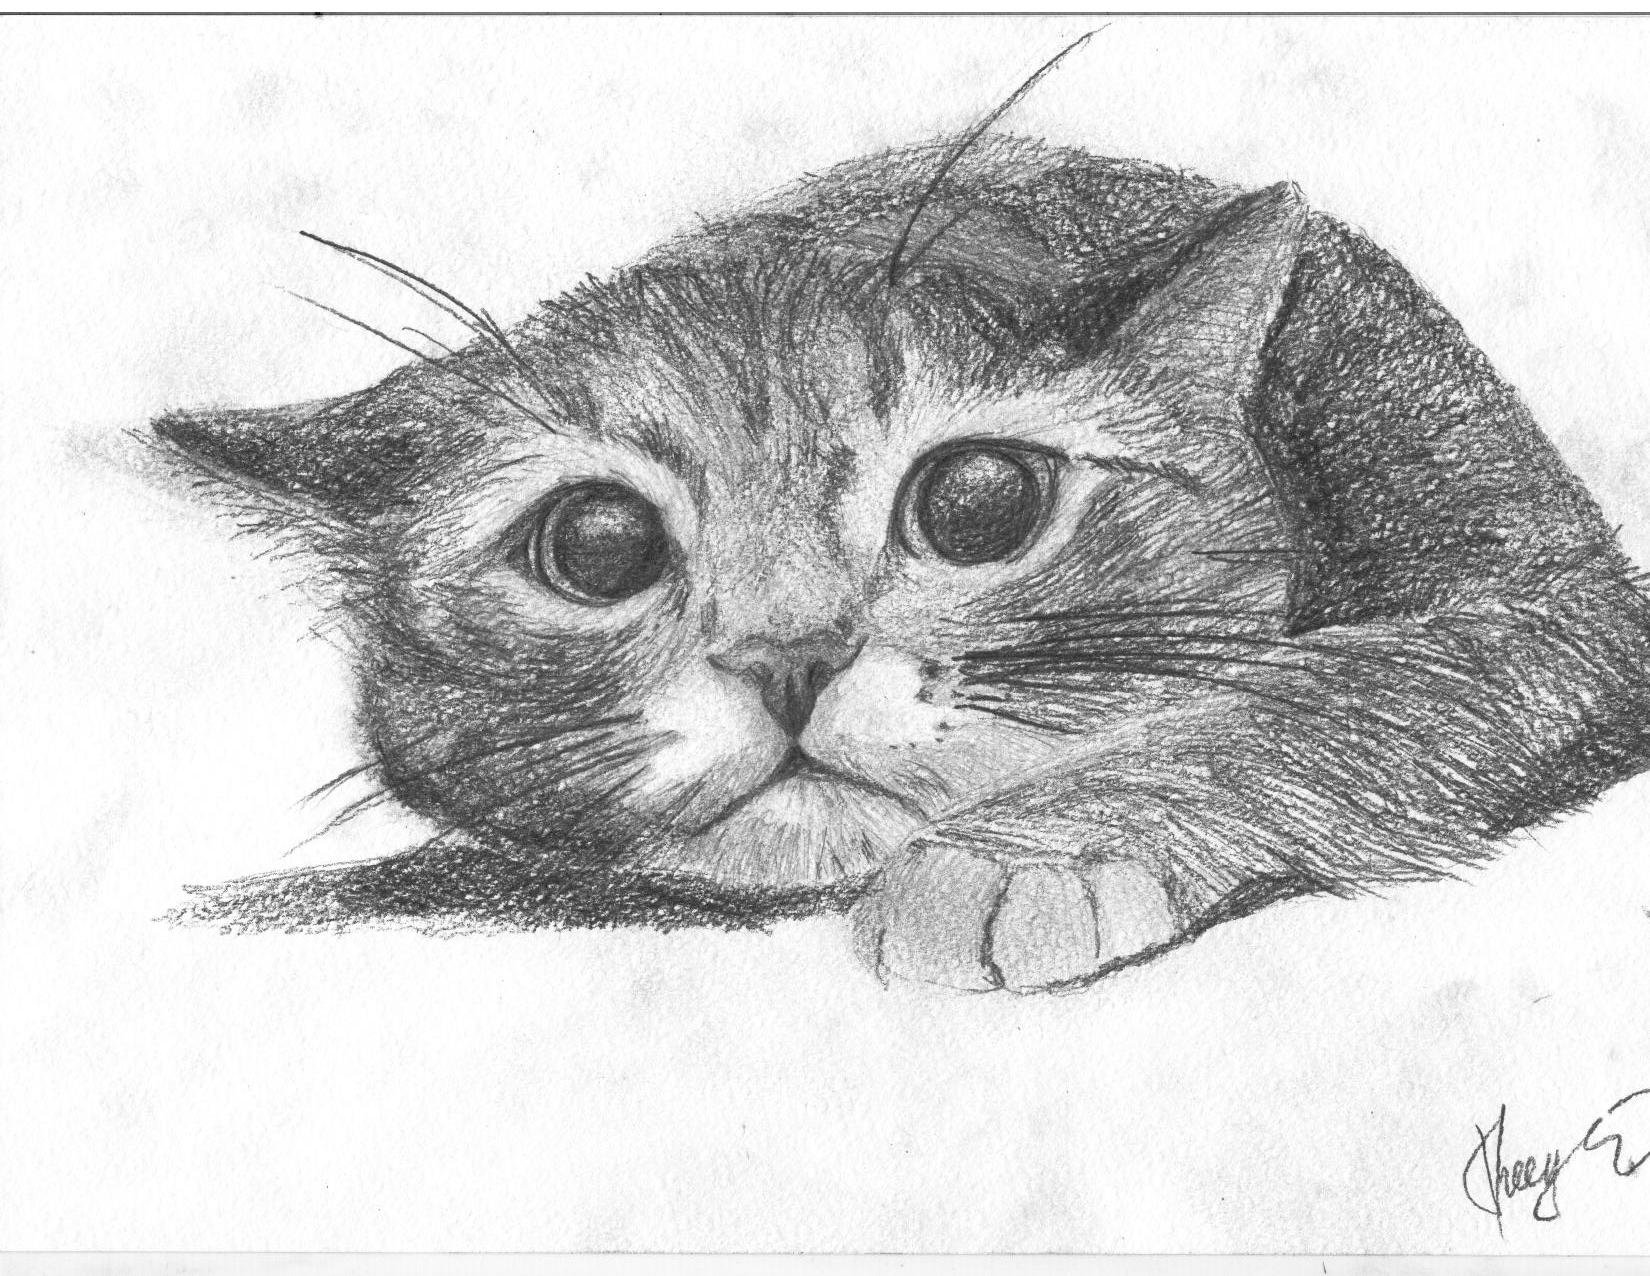 красивые картинки котов простым карандашом того, кофточка может